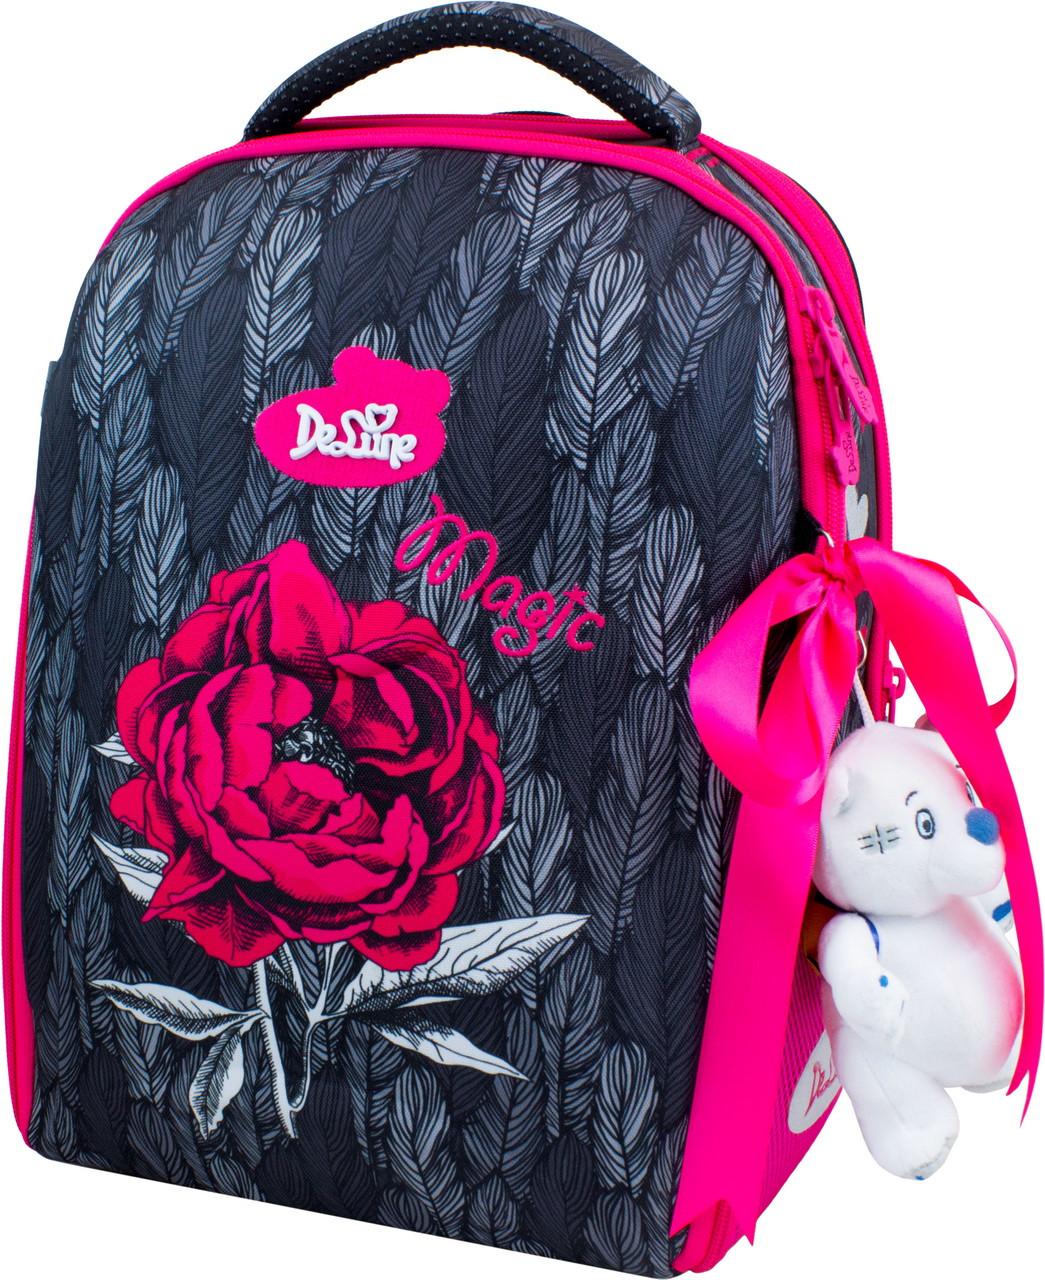 Шкільний рюкзак набір DeLune (рюкзак+смєнка+брелок) 7-149